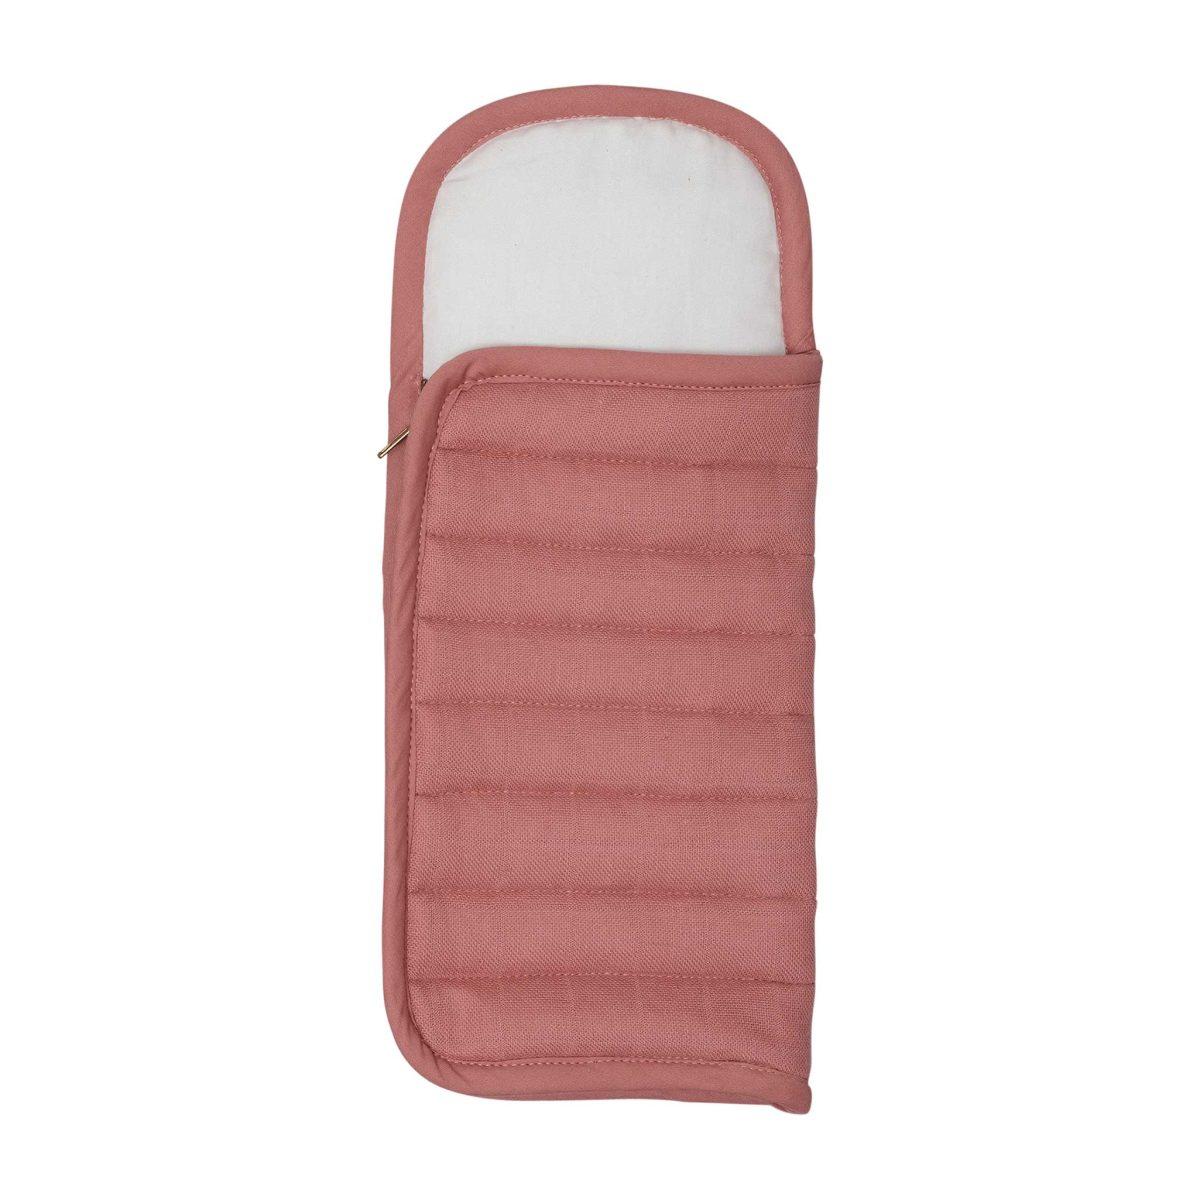 Fabelab Sleeping Bag Clay